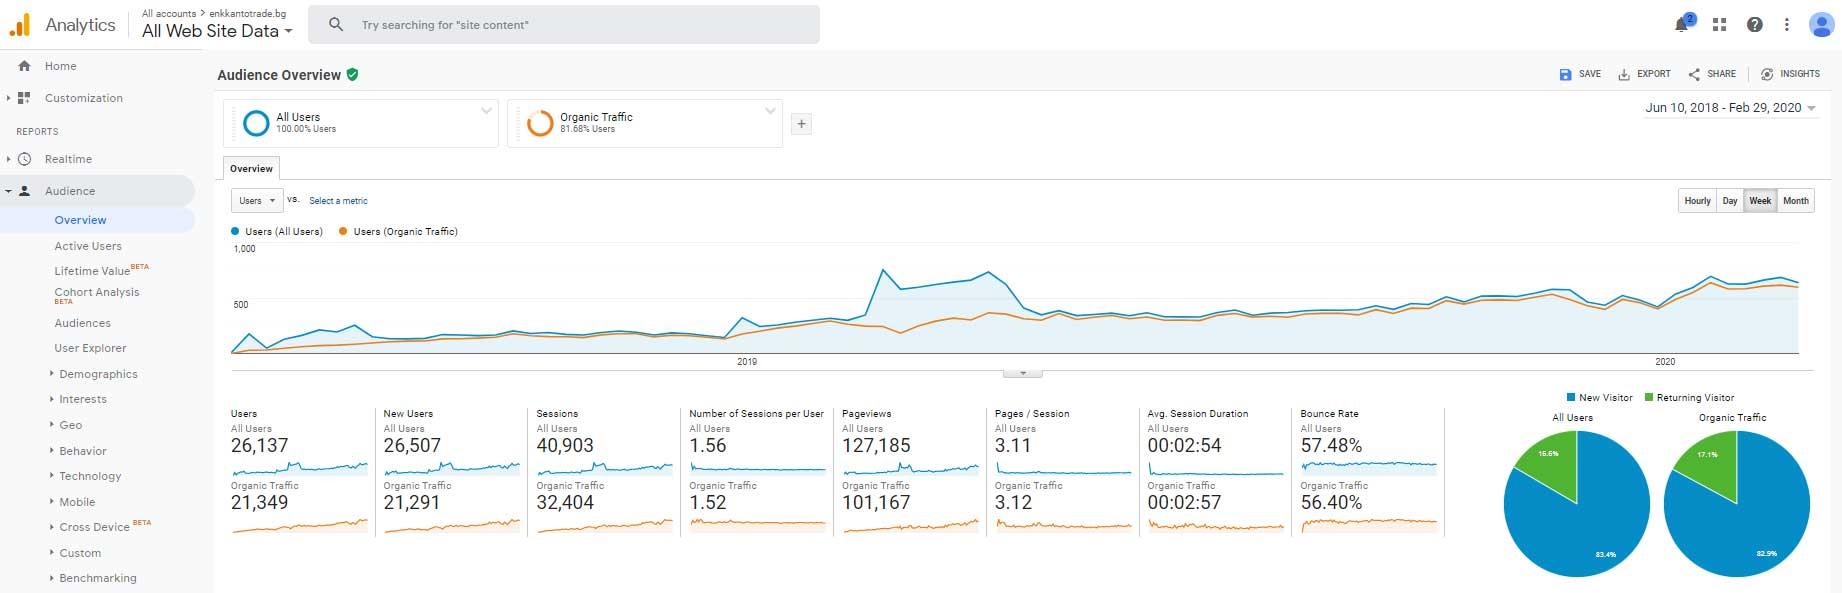 SEO marketing research αποτελέσματα: Επισκεψιμότητα χρηστών